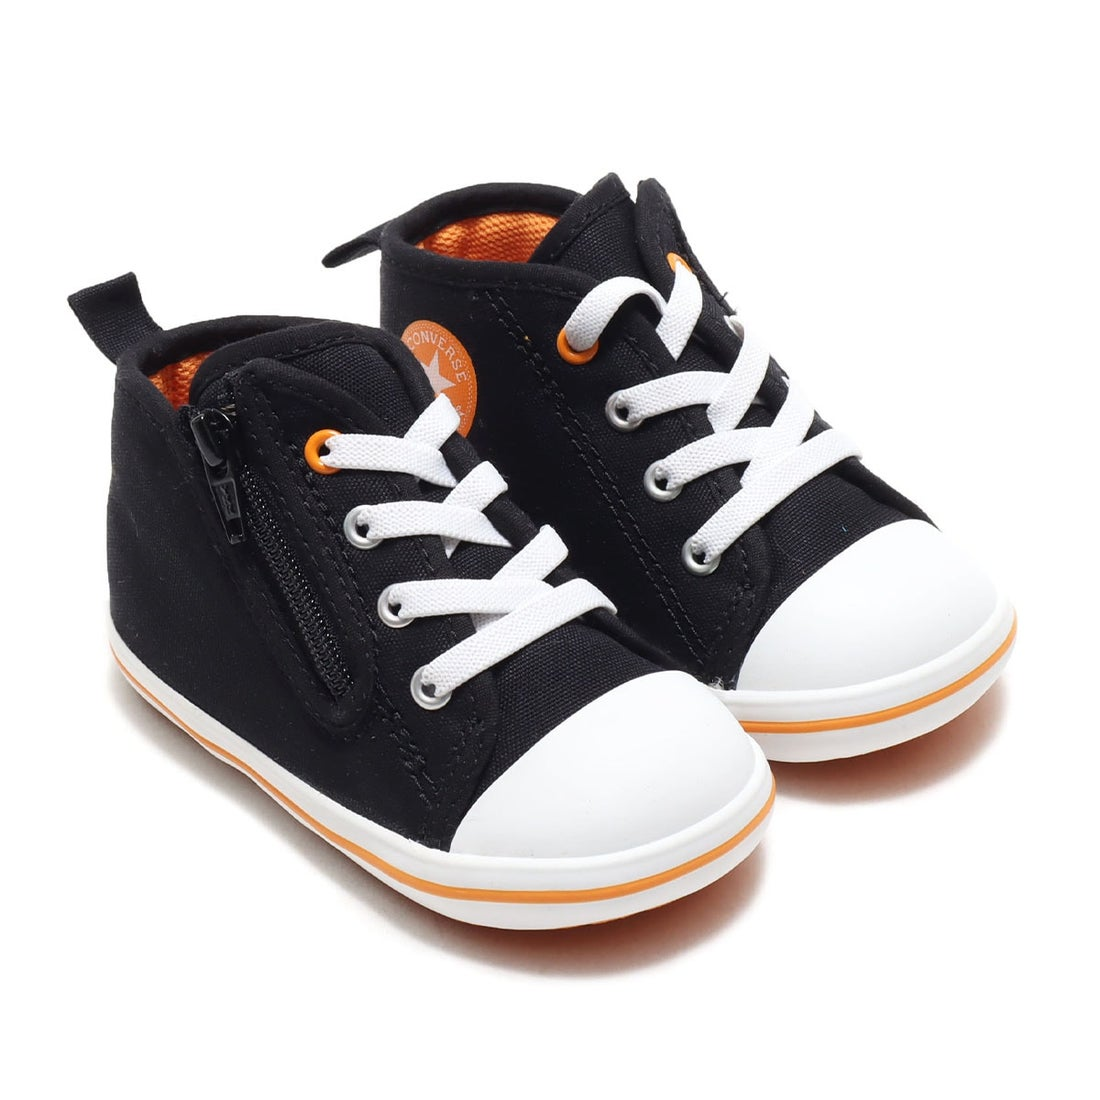 ロコンド 靴とファッションの通販サイトコンバース CONVERSE BABY ALL STAR N DRIPPATCH Z (BLACK)